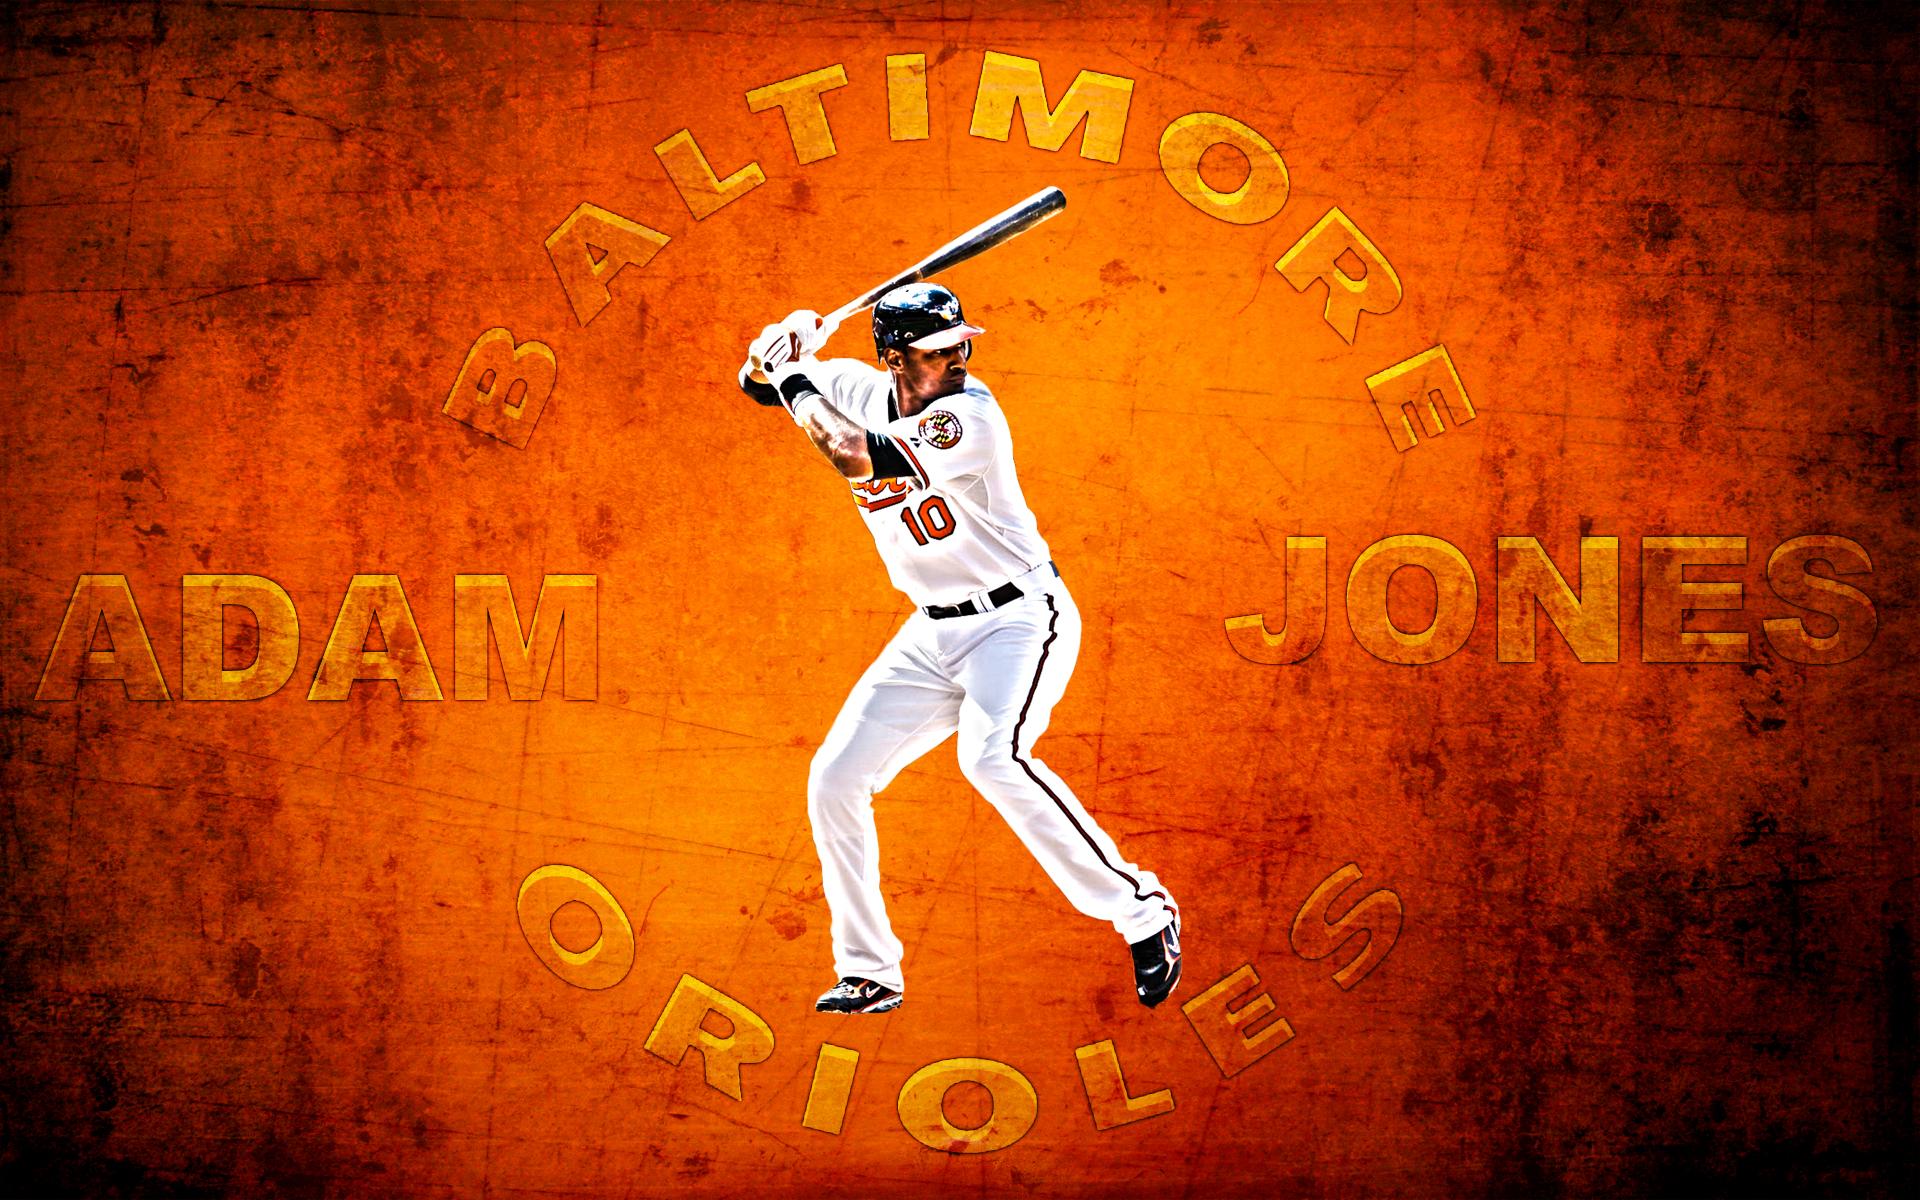 Baltimore Orioles Wallpaper Hd Wallpapersafari HD Wallpapers Download Free Images Wallpaper [1000image.com]